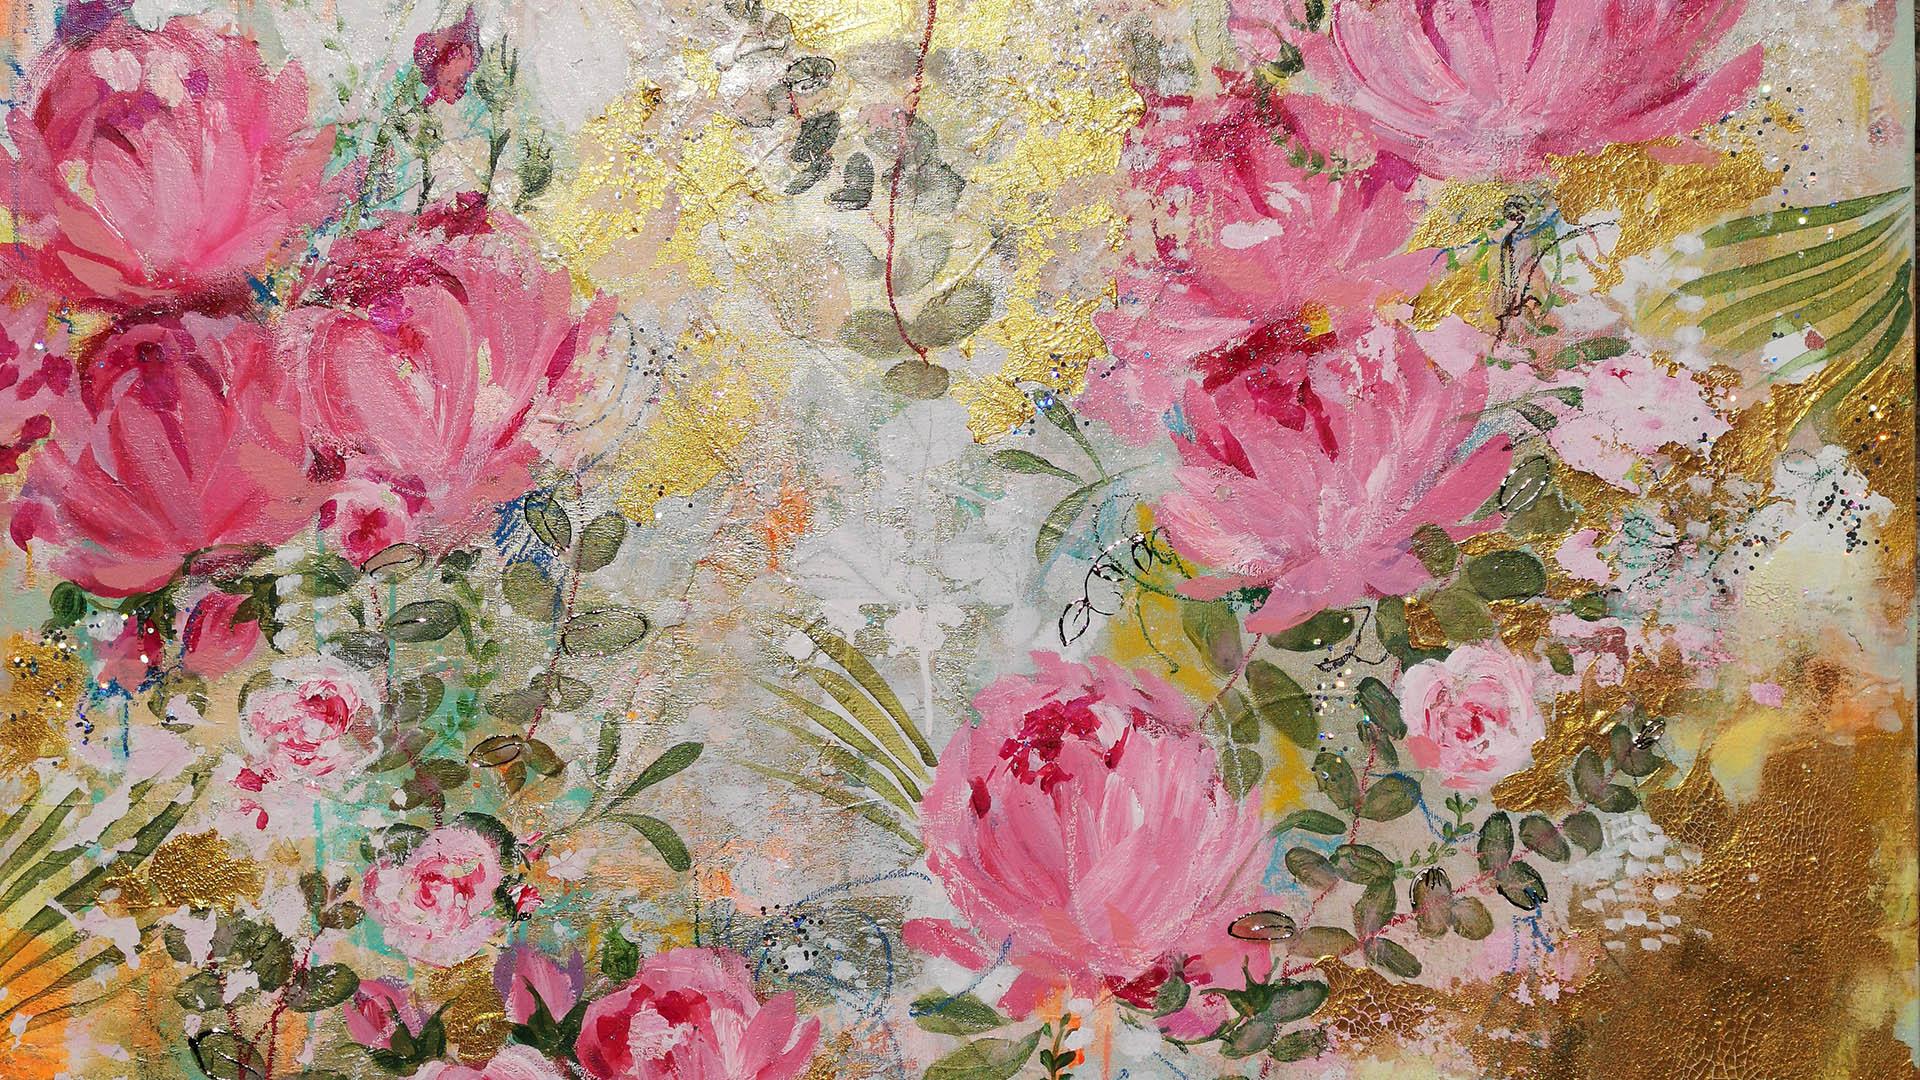 Pleasure - 120 x 120 cm